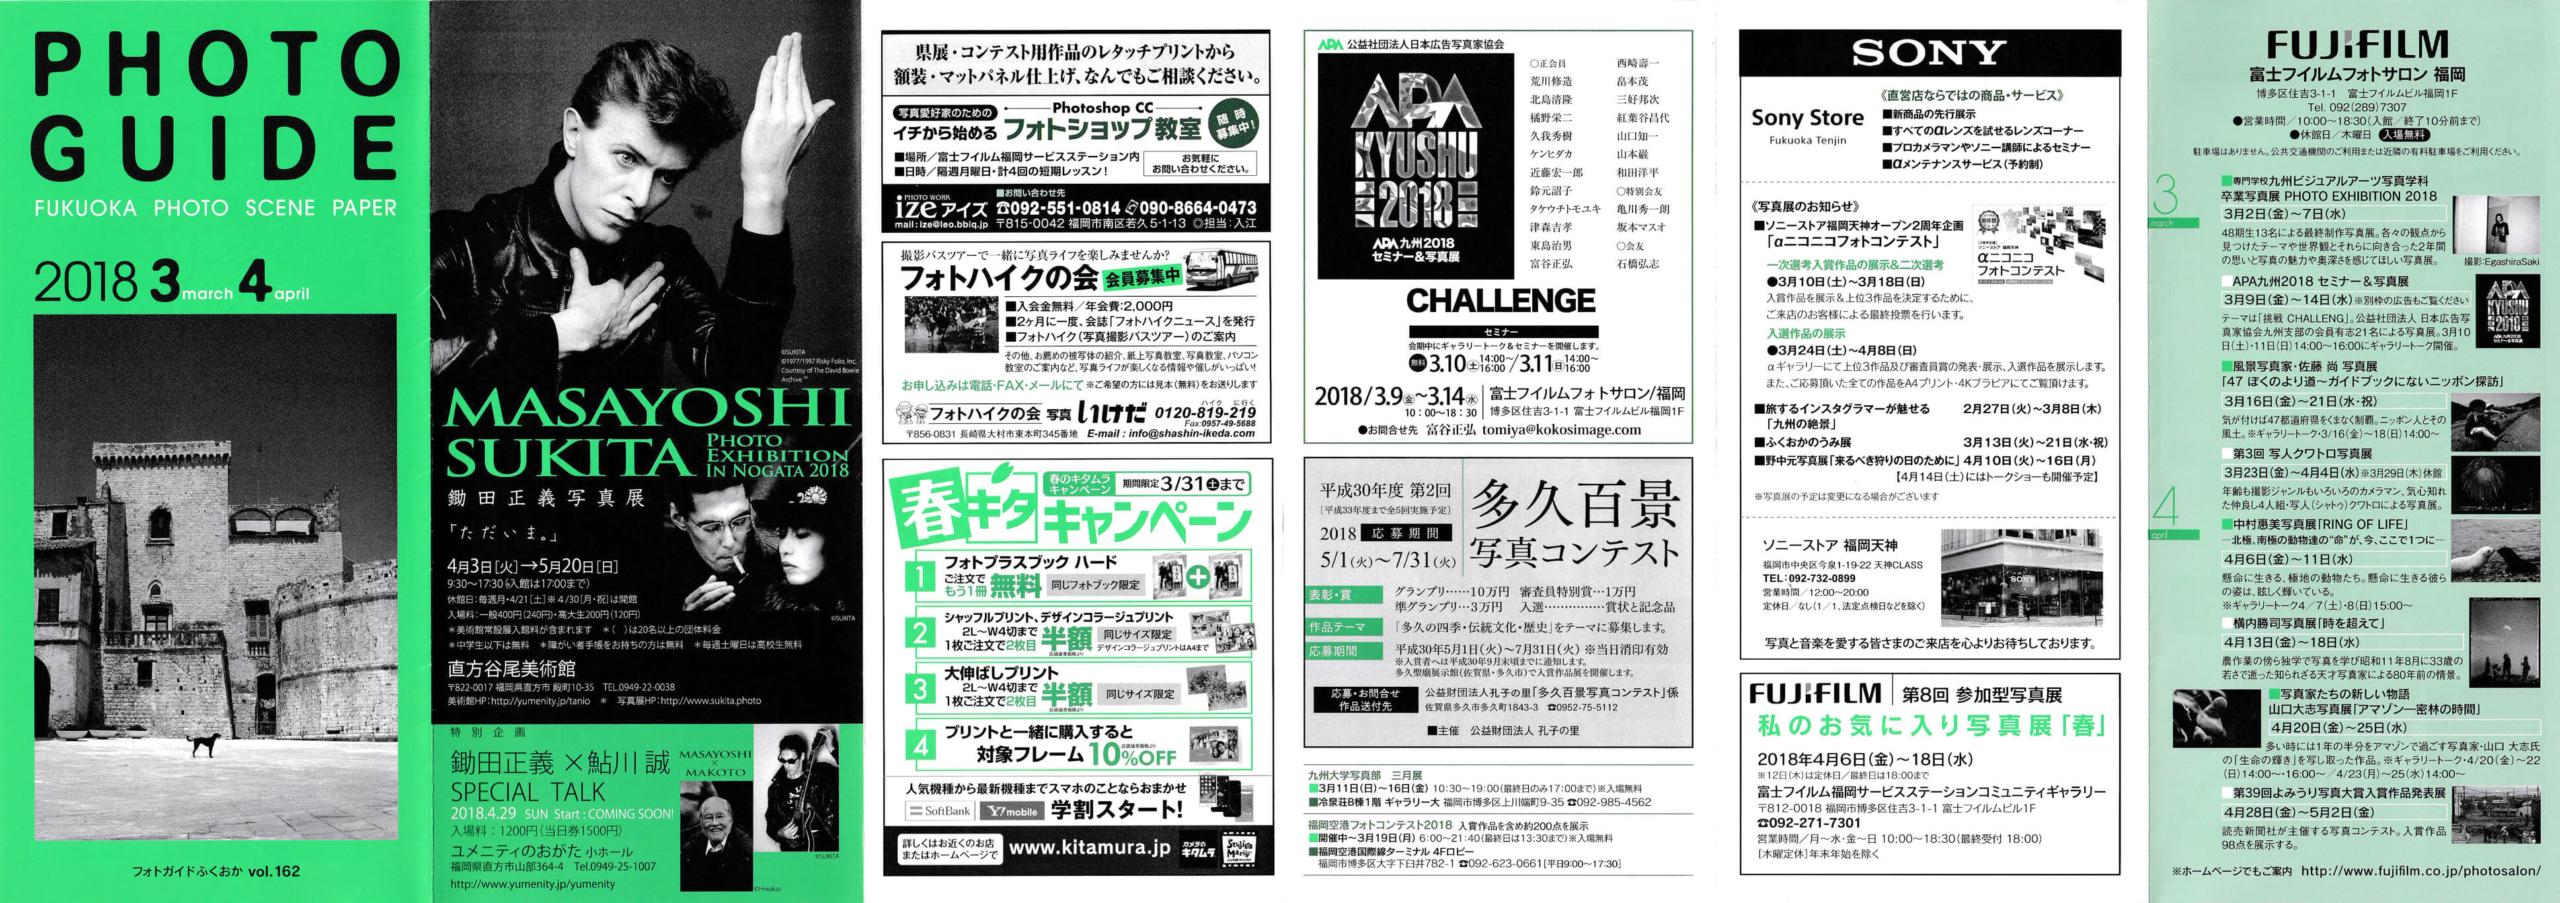 フォトガイドふくおか|アーカイブ|vol162